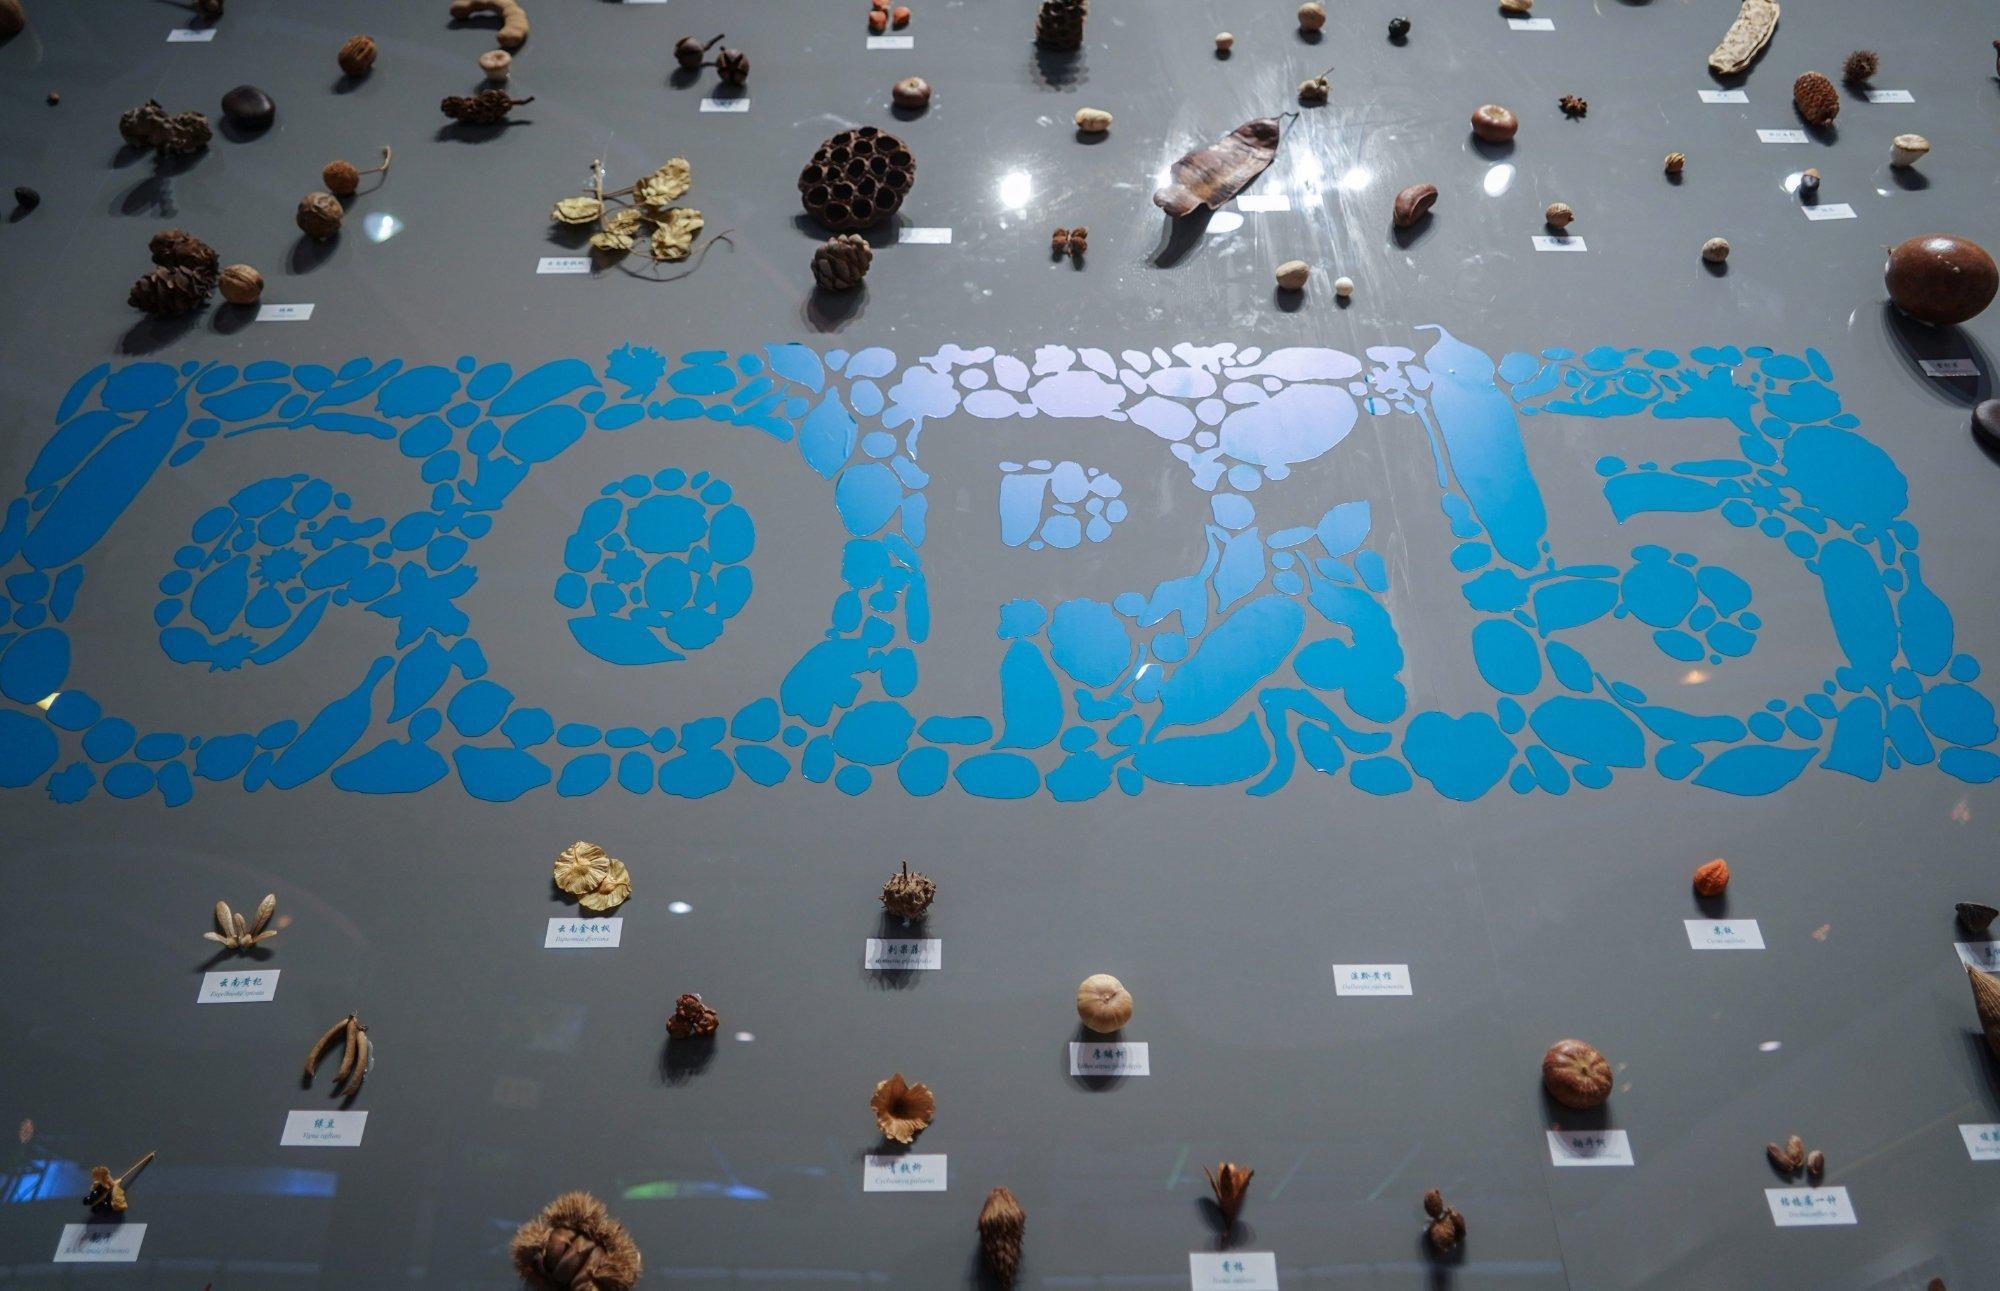 Eine künstlerische seed wall in Kunming